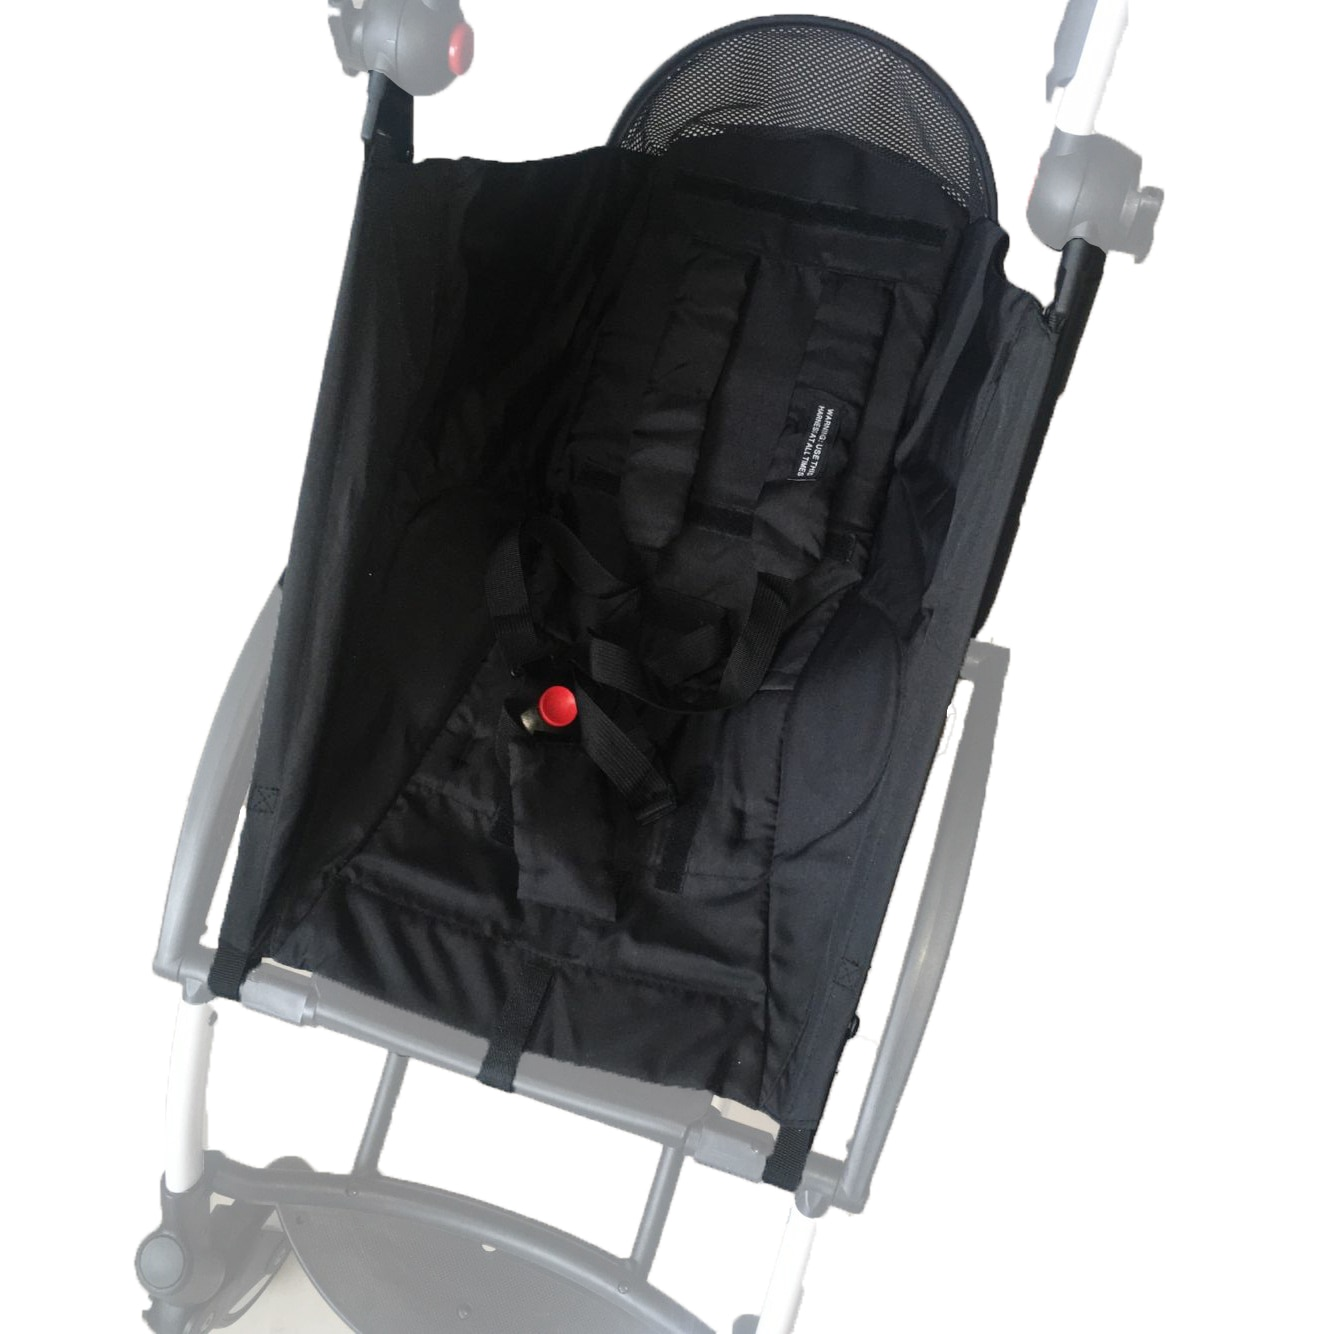 الأصلي يويو 175 درجة وسادة Brethable القماش الكتان المواد ل Yoya Babythrone Babytime Sroller الطفل عربة اكسسوارات